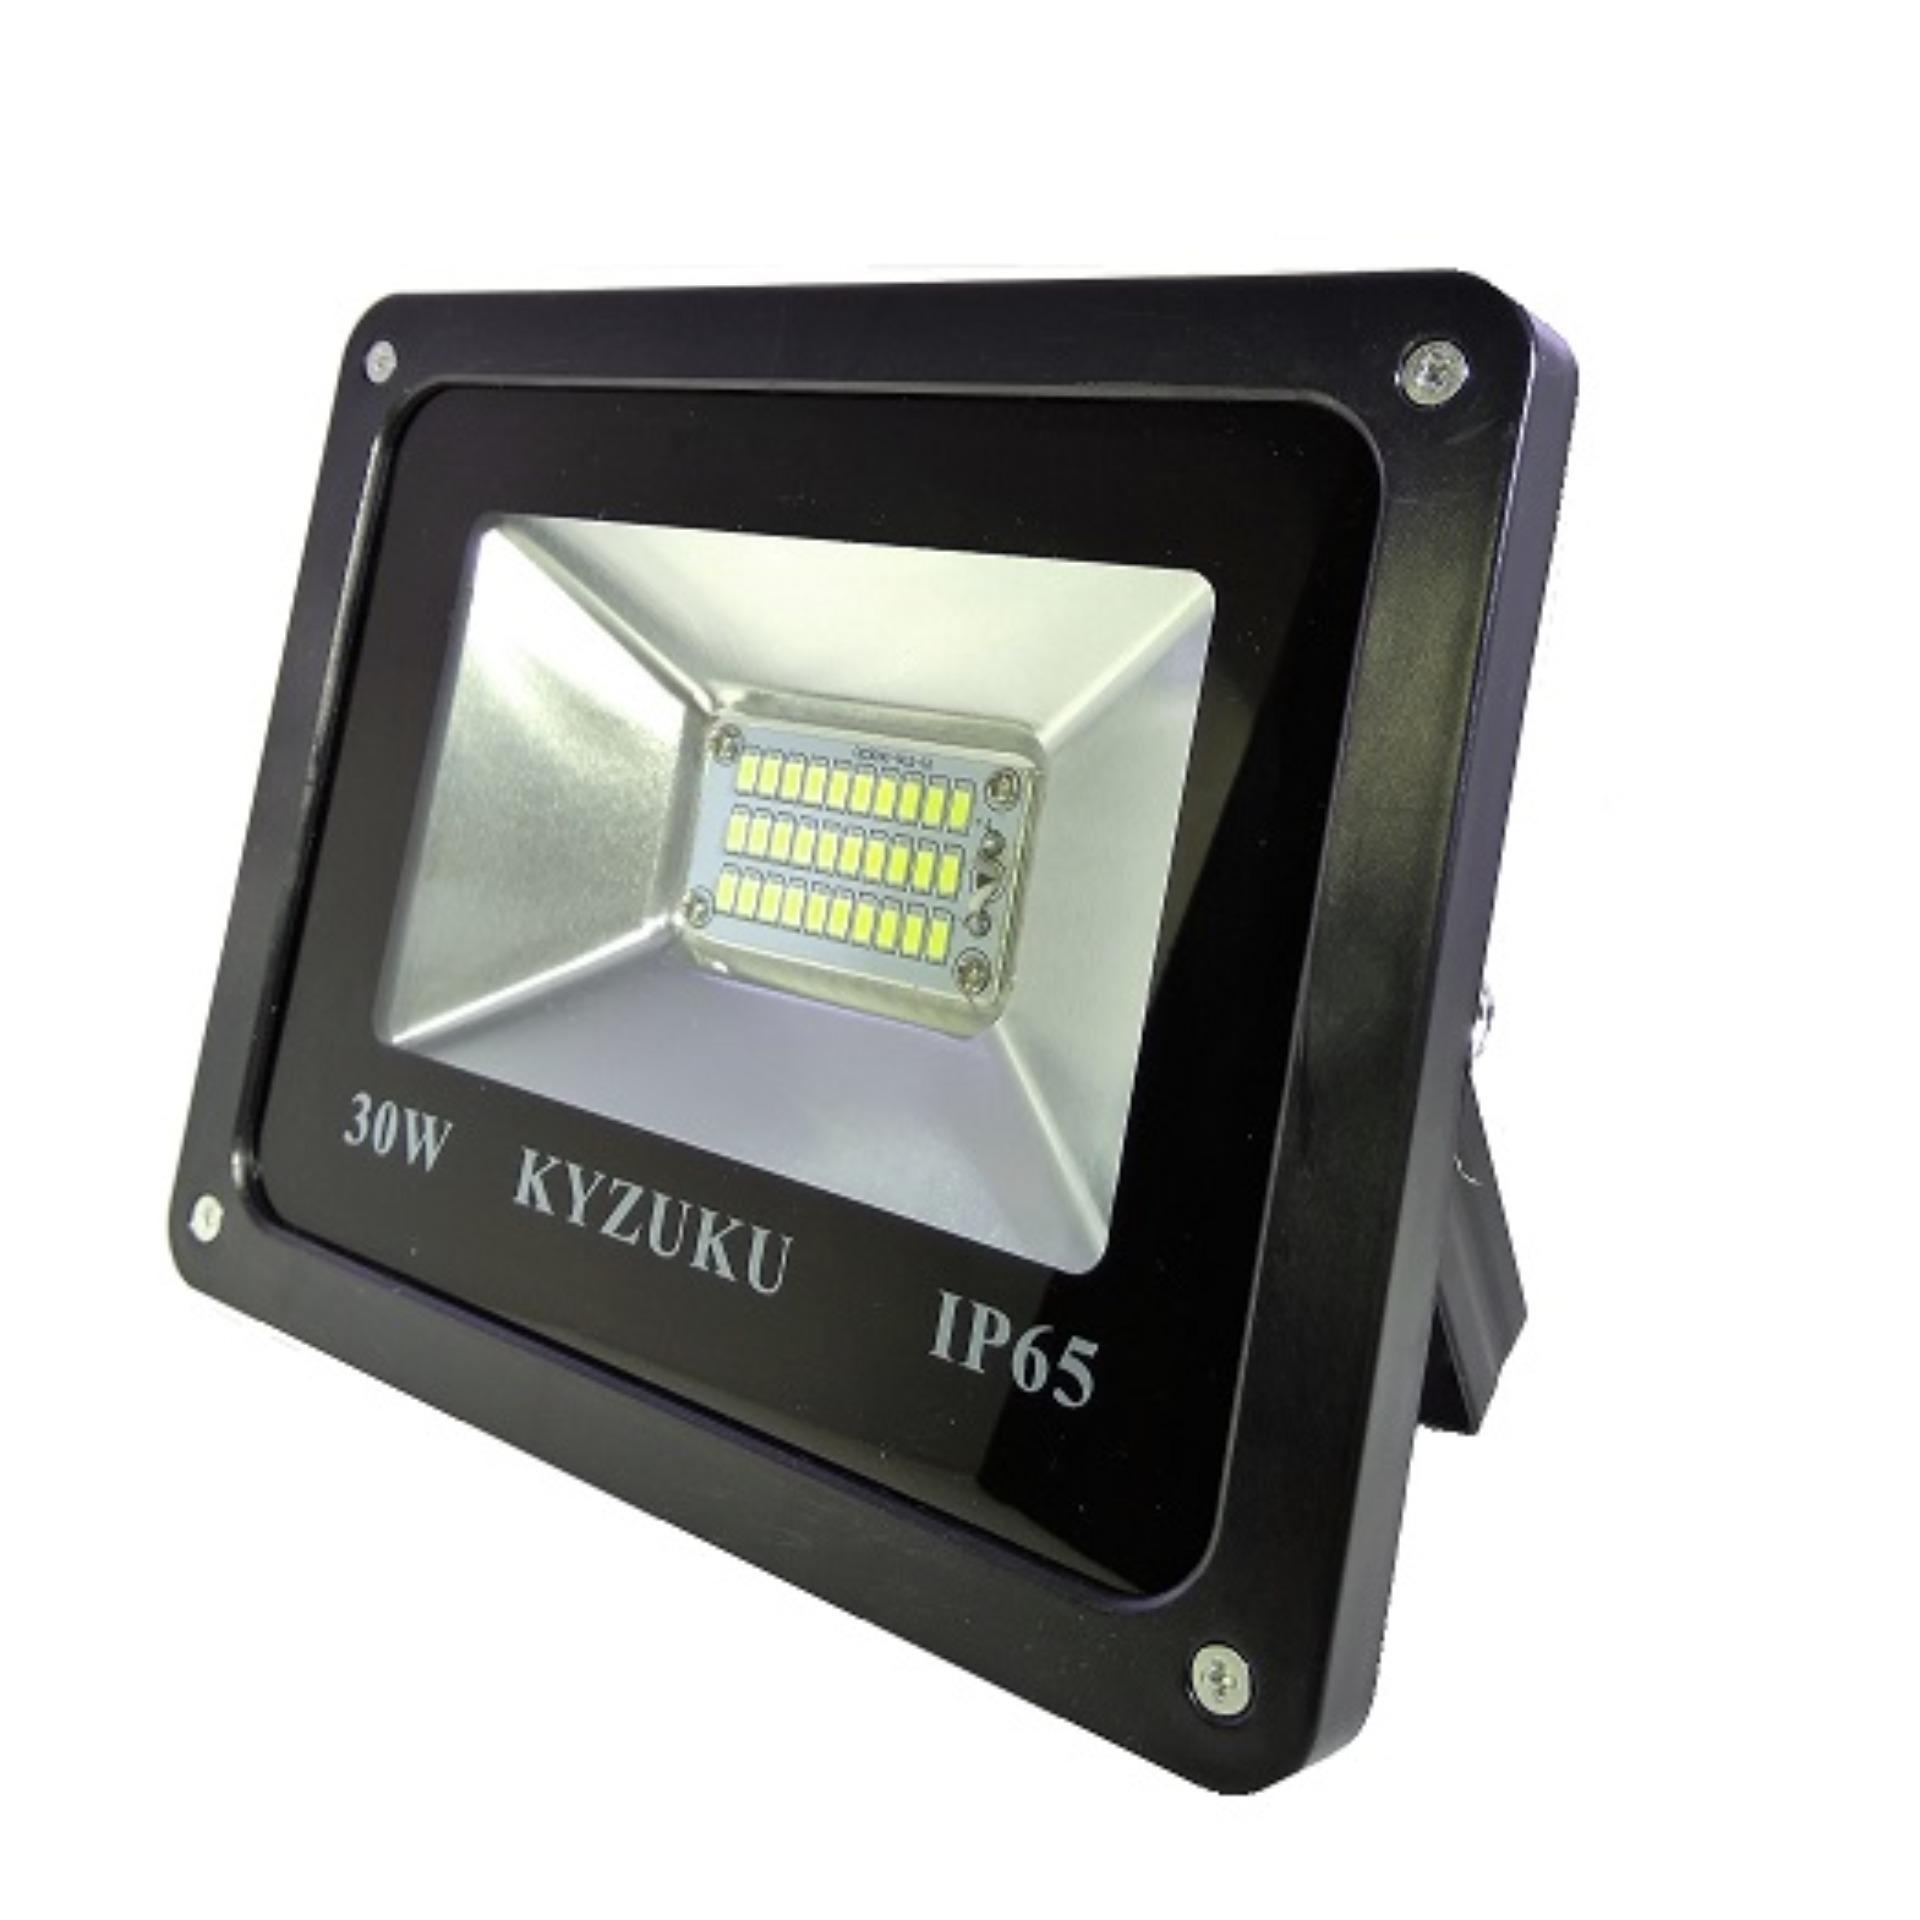 Lampu Sorot Ledlampu Tembak Led 30 Watt